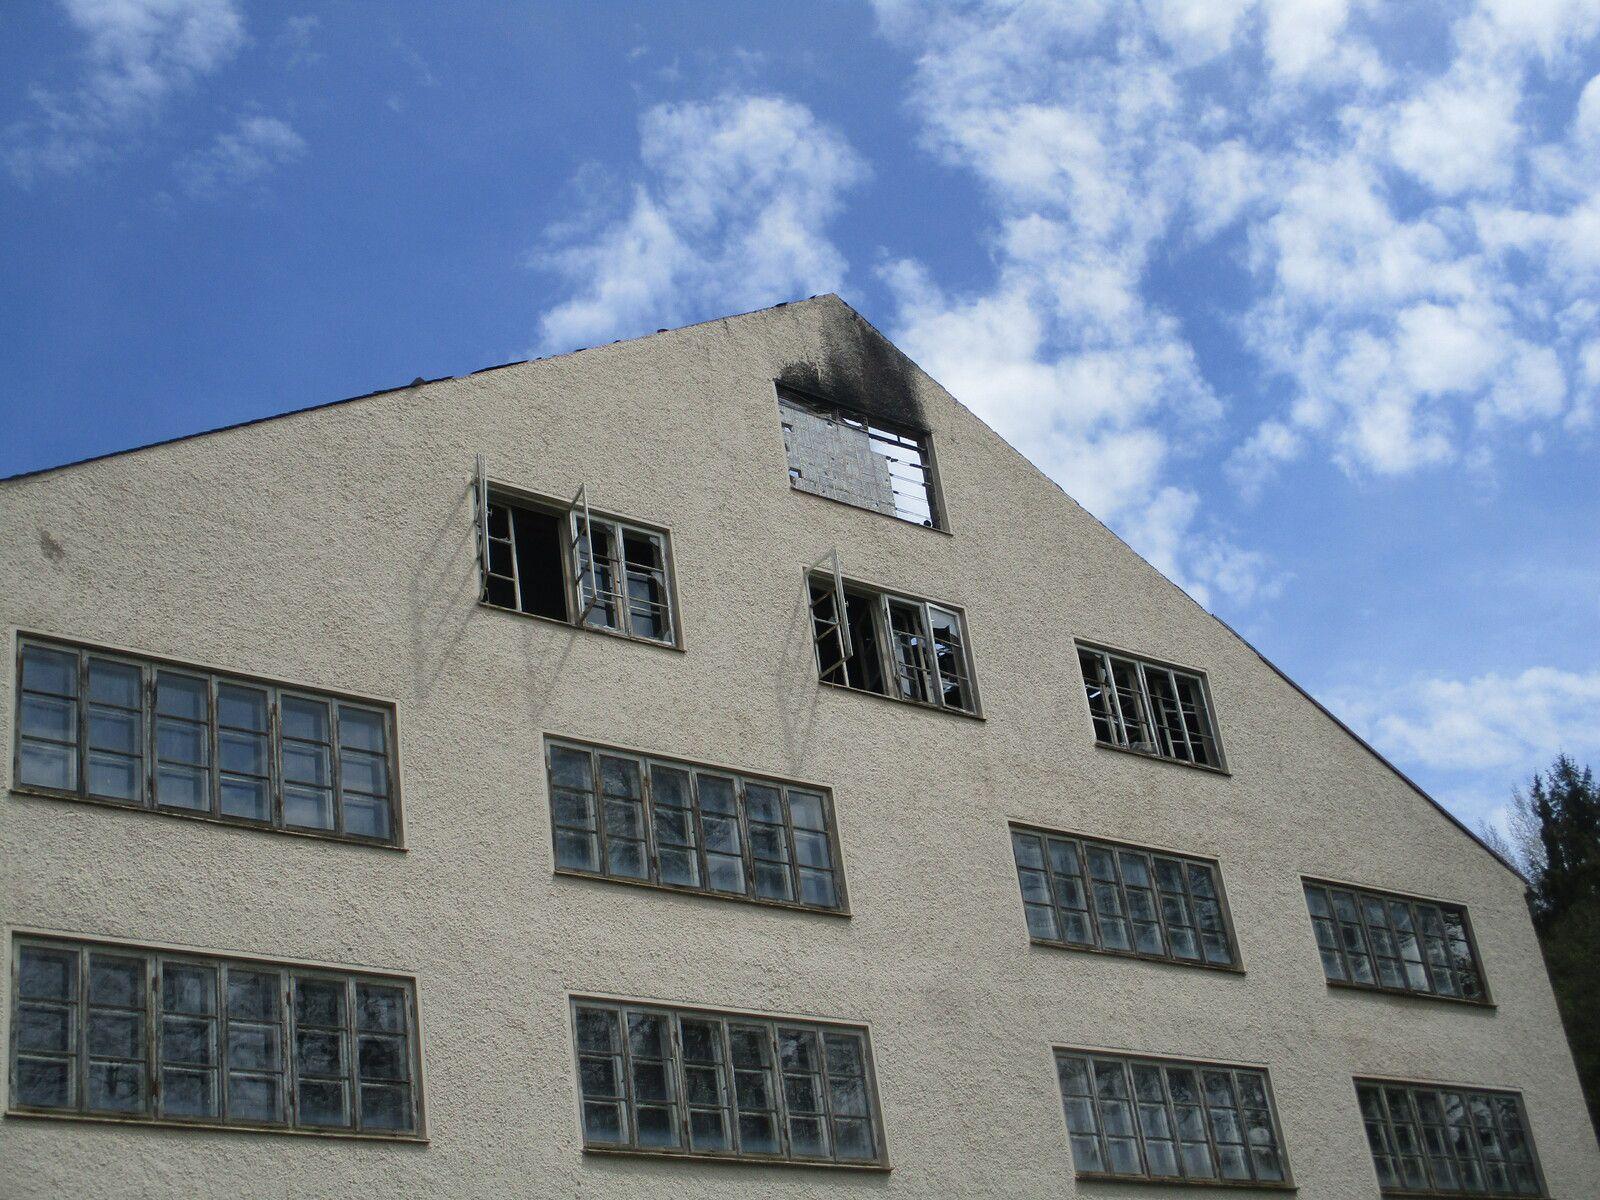 3 Monate nach dem Großbrand bei  der Glasschmelzhafen-Fabrik Fastner & Co in Arzberg/Elisenferls